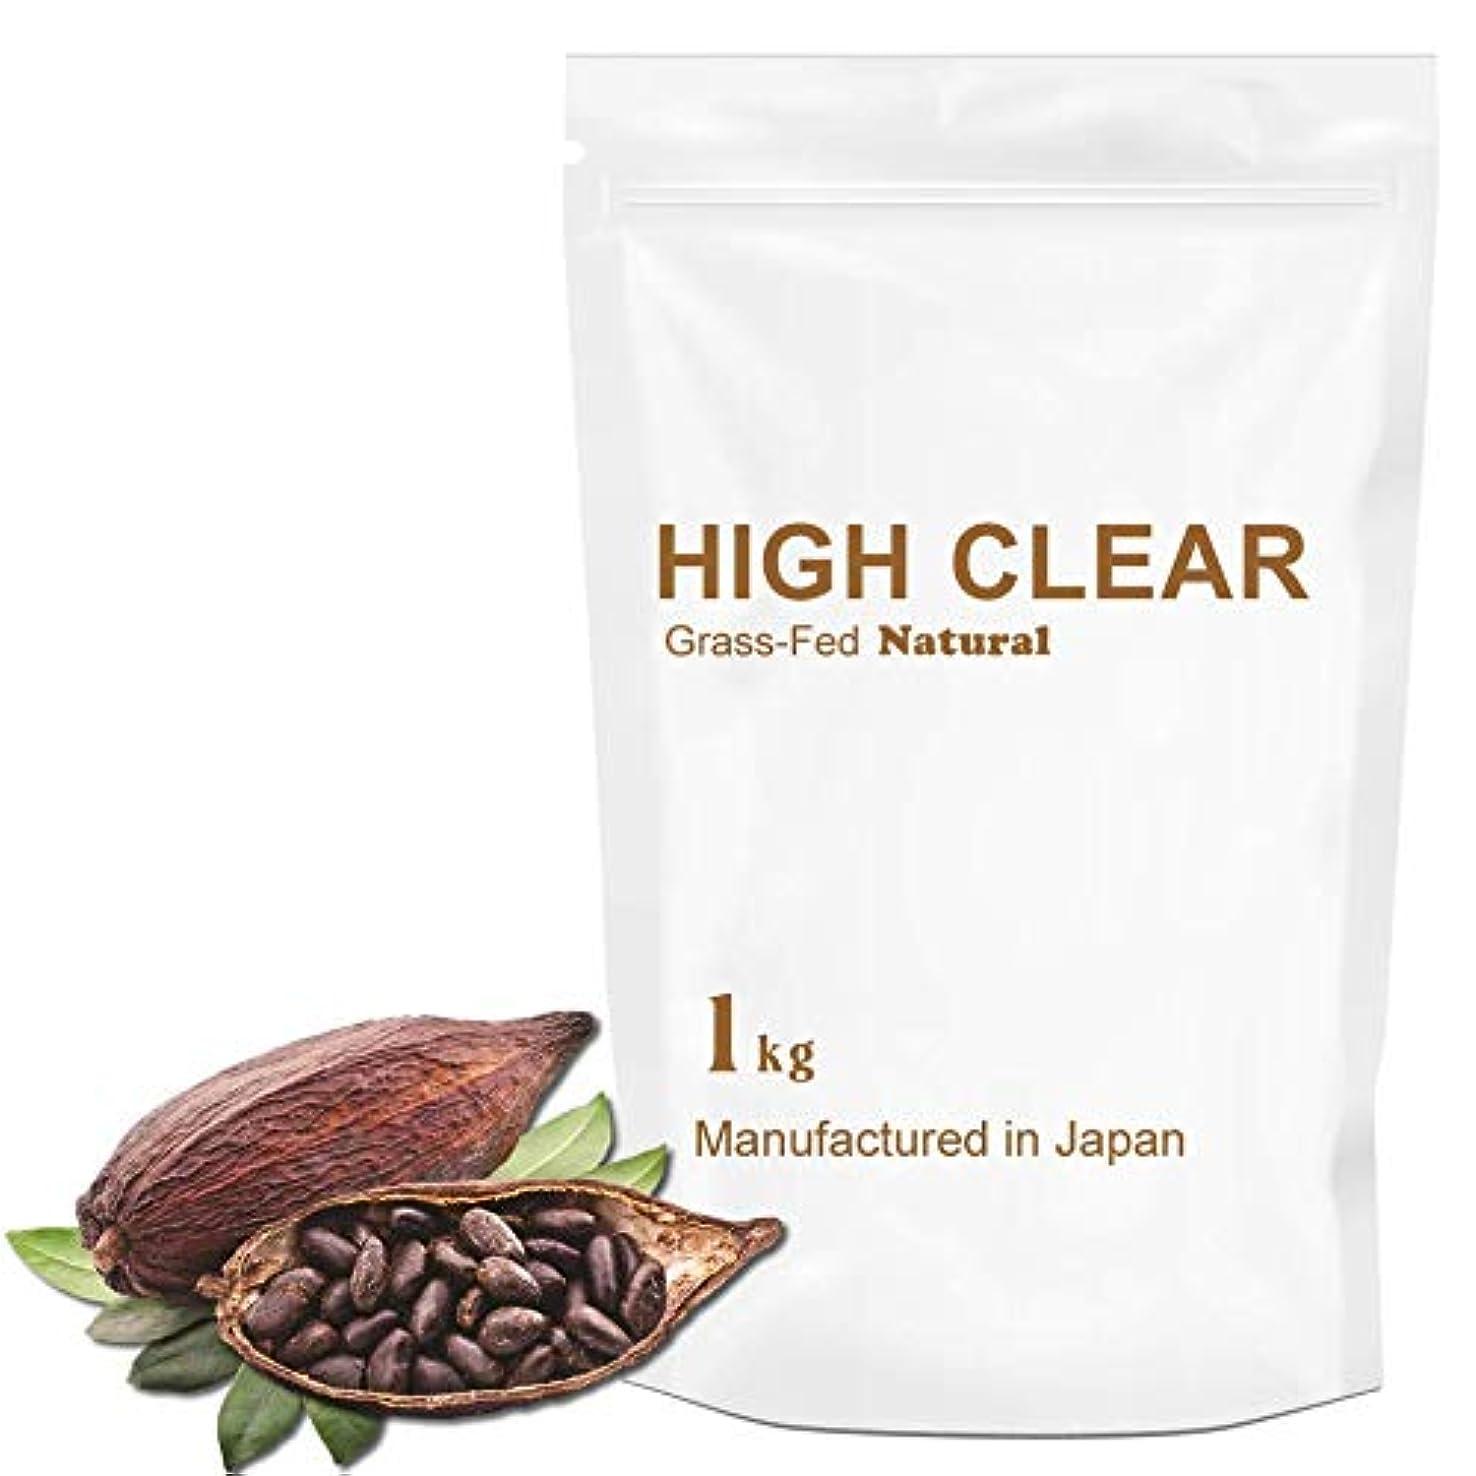 蛾朝食を食べる厚いWPCグラスフェッドしっかりココア味1kg(約40食) HIGH CLEAR(ハイクリアー)